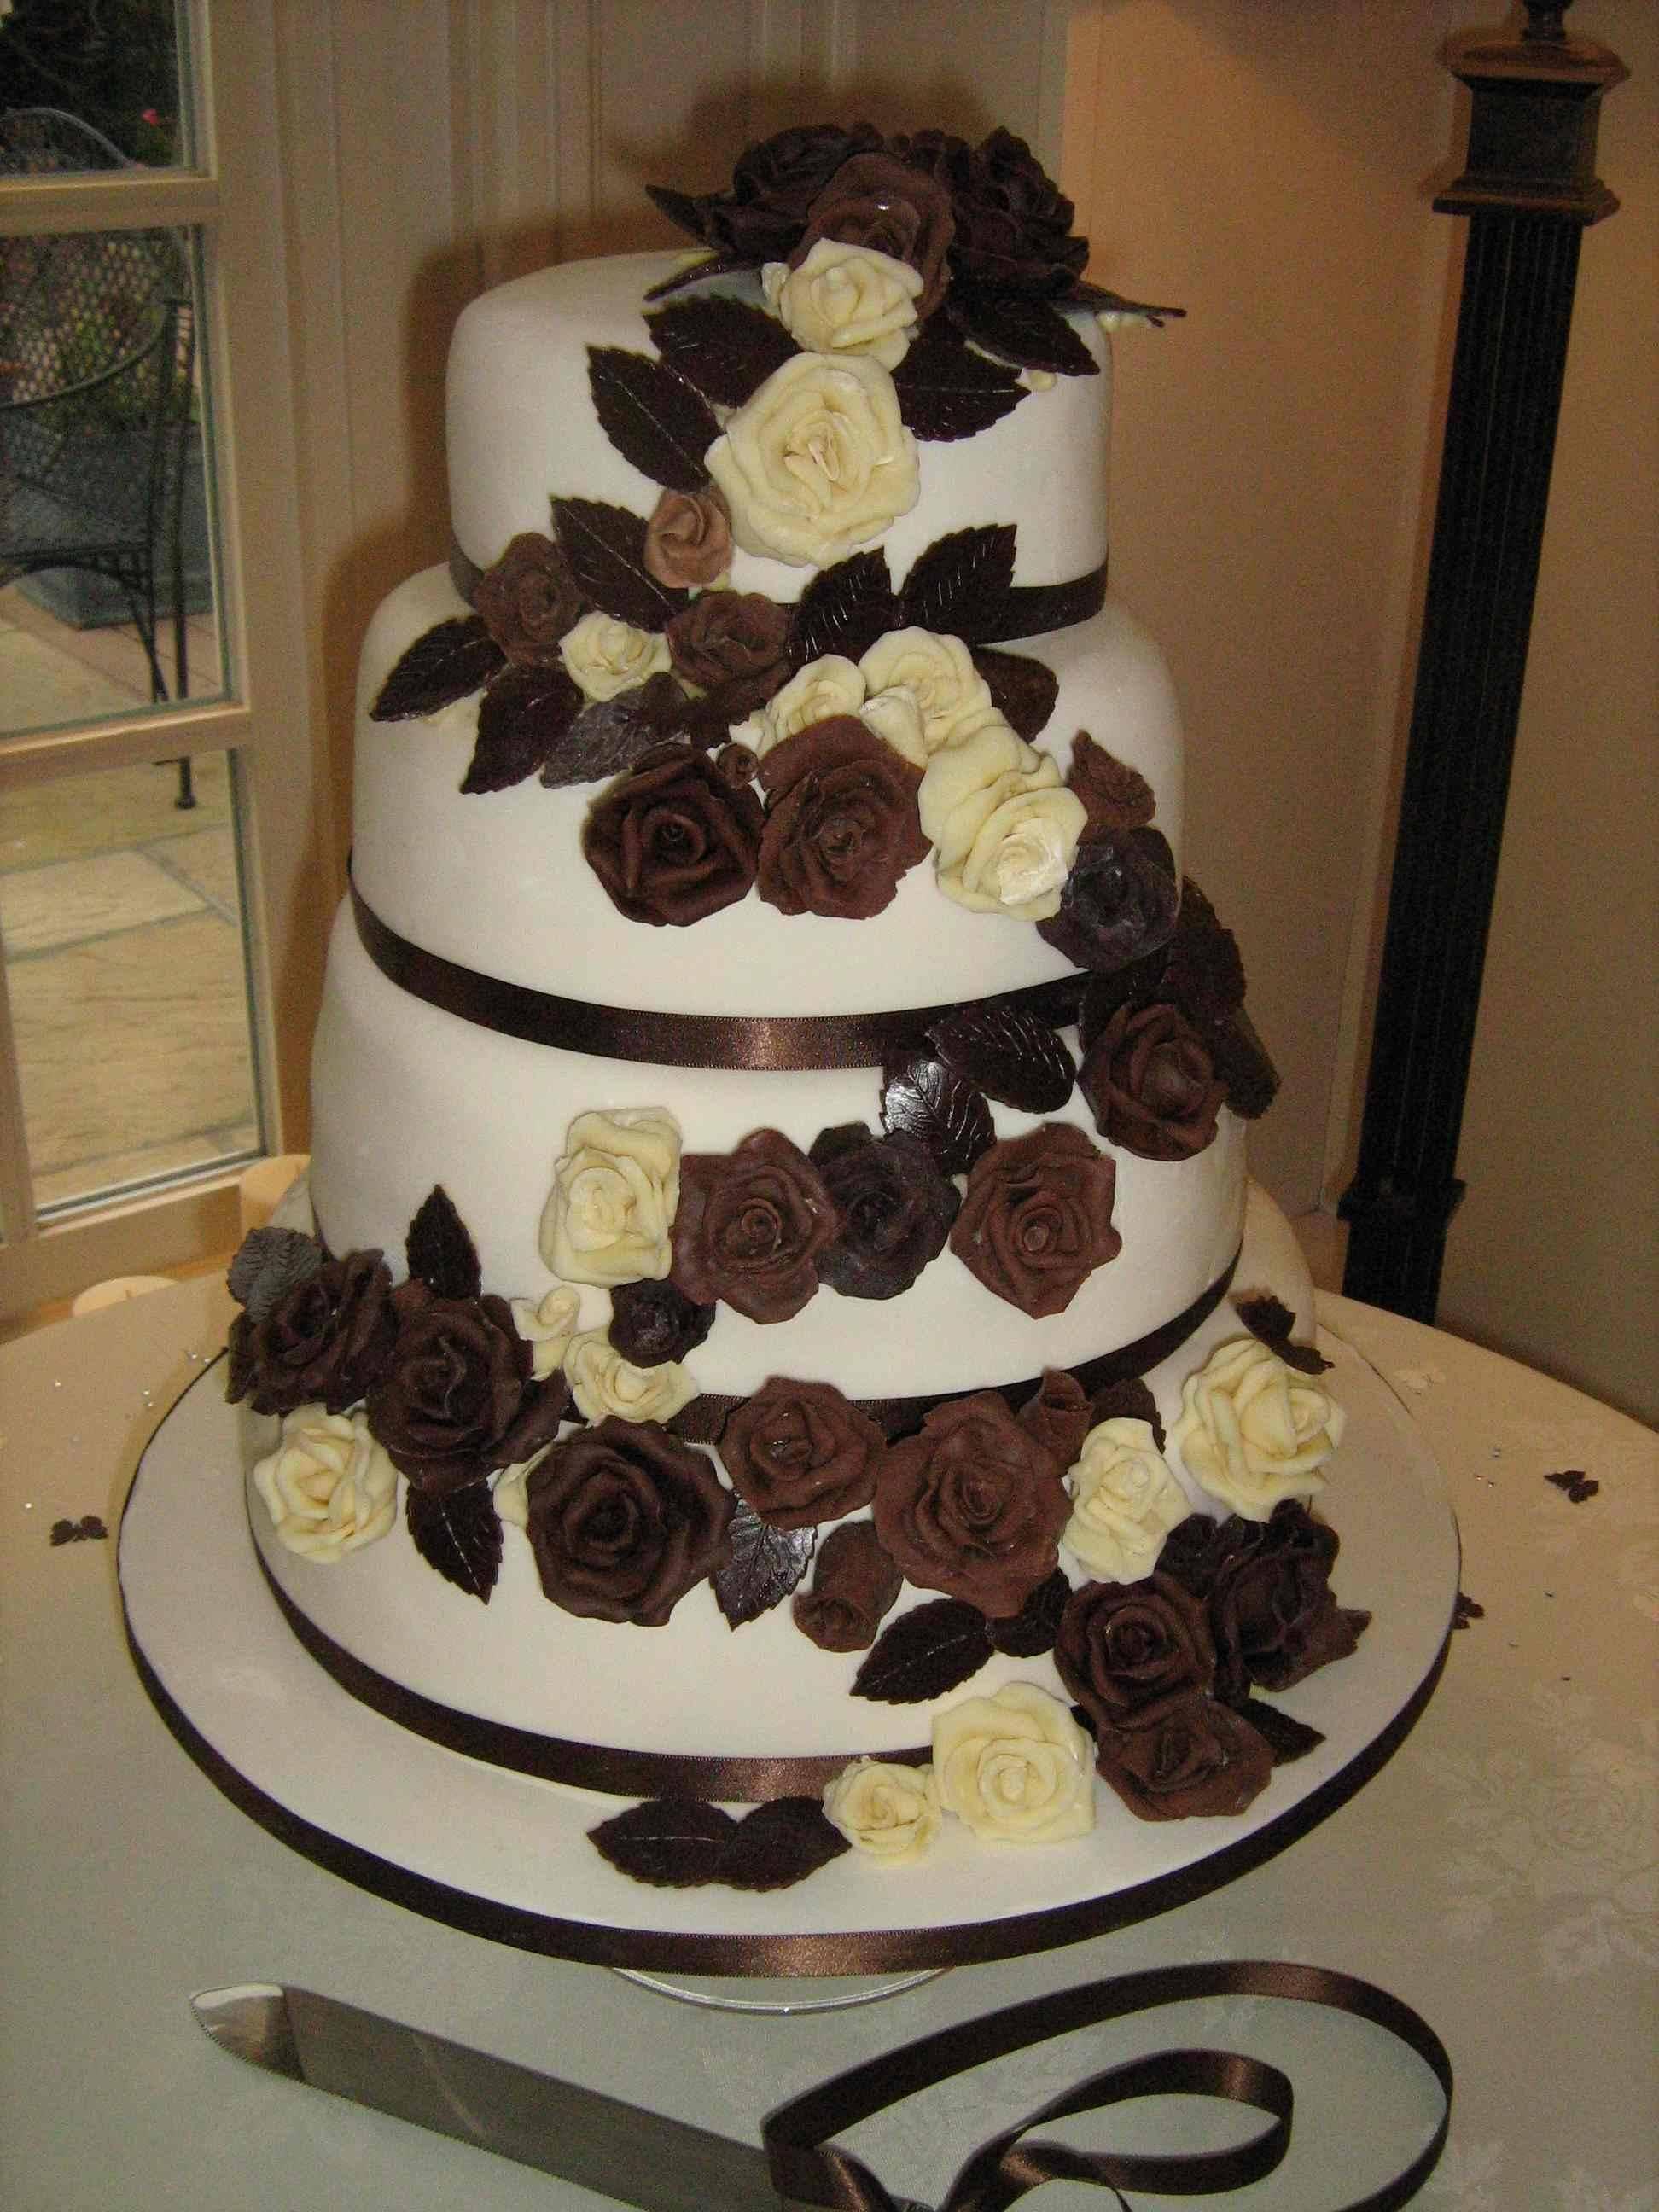 Chocolate Roses Wedding Cake